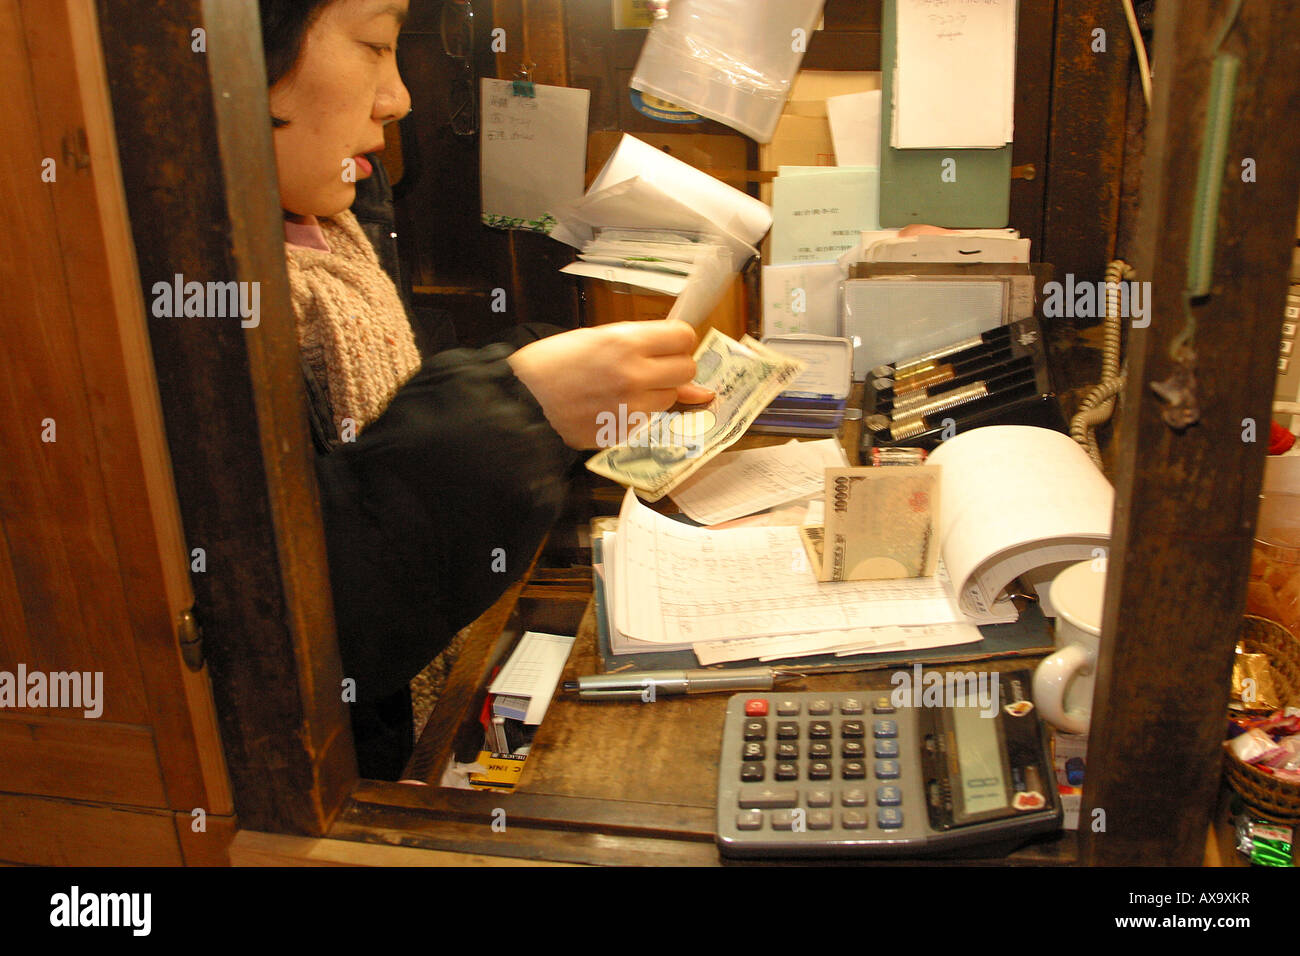 A cashier at Tsukiji fish market. - Stock Image